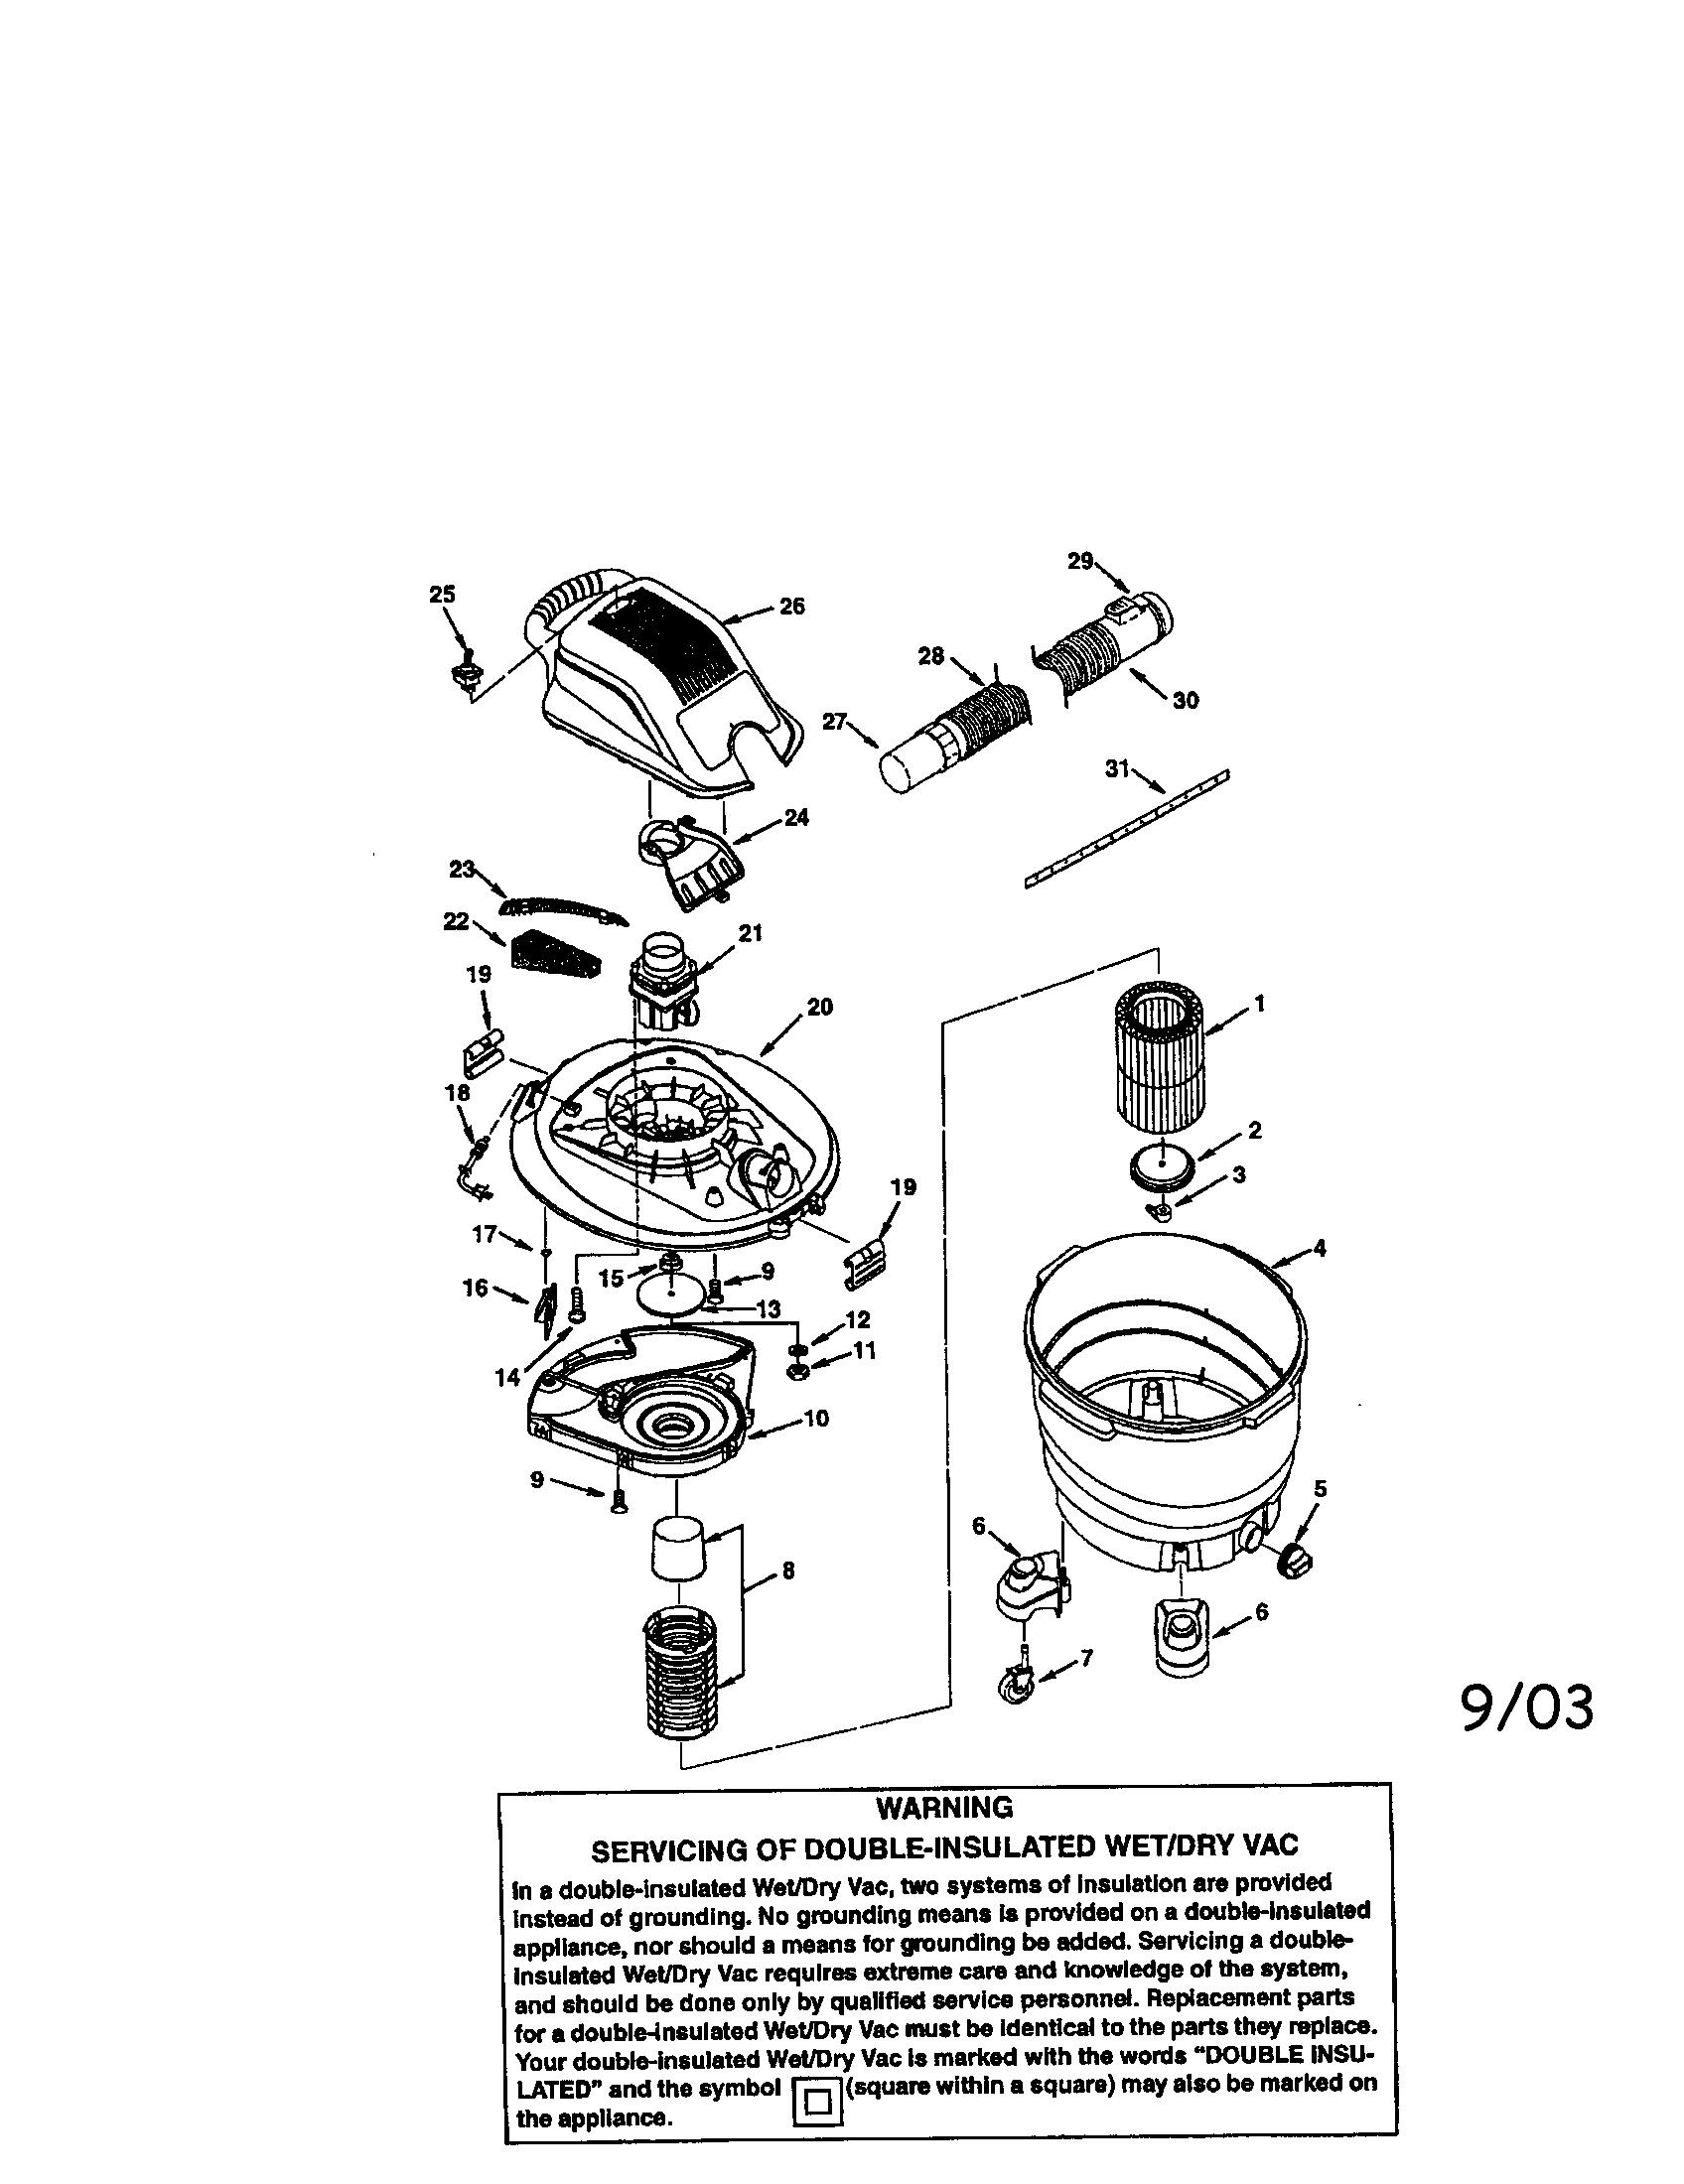 Craftsman model 113170200 wet/dry vacuum genuine parts